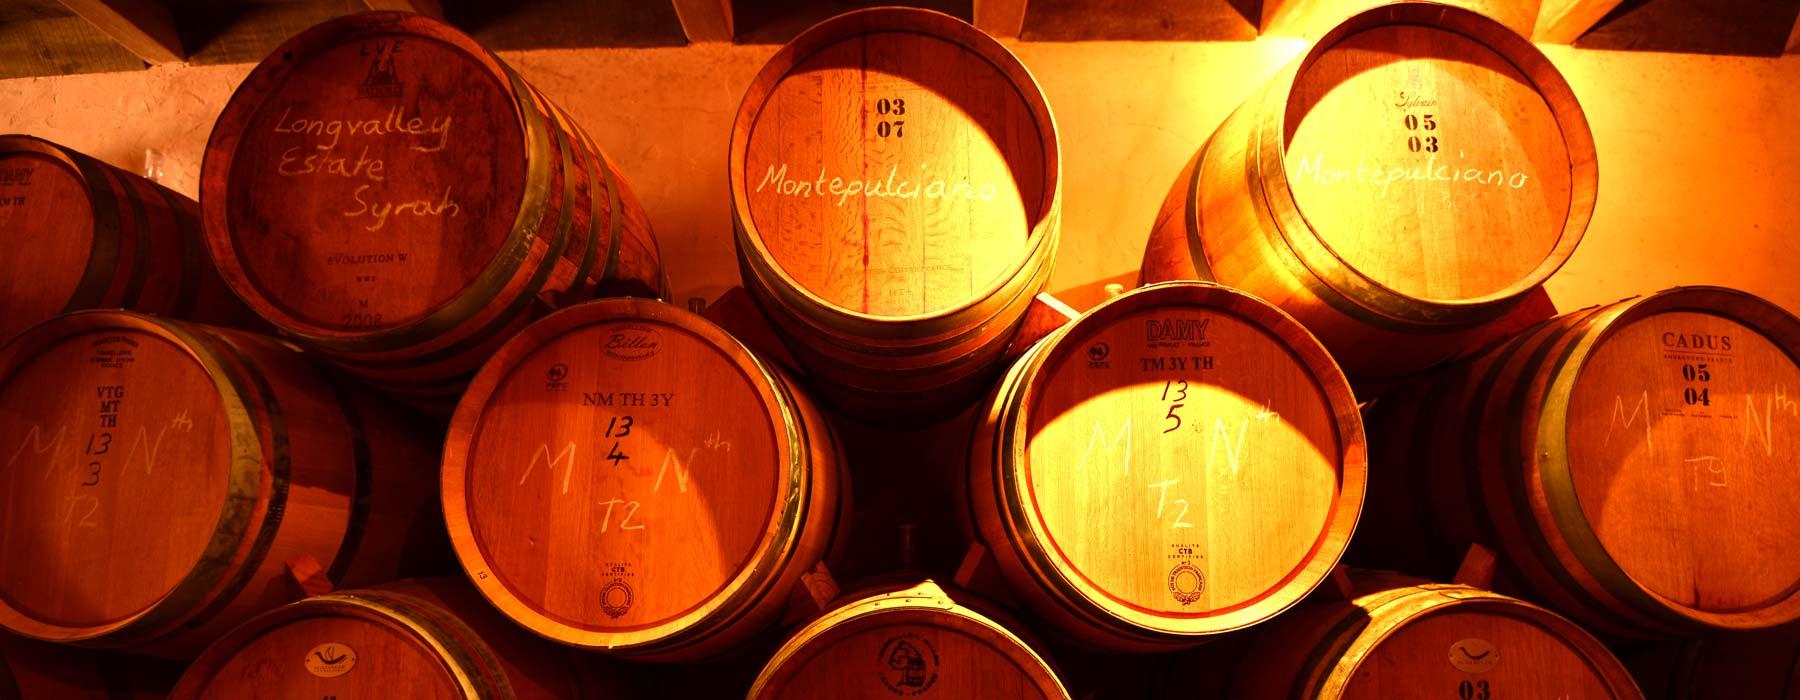 barrels-many